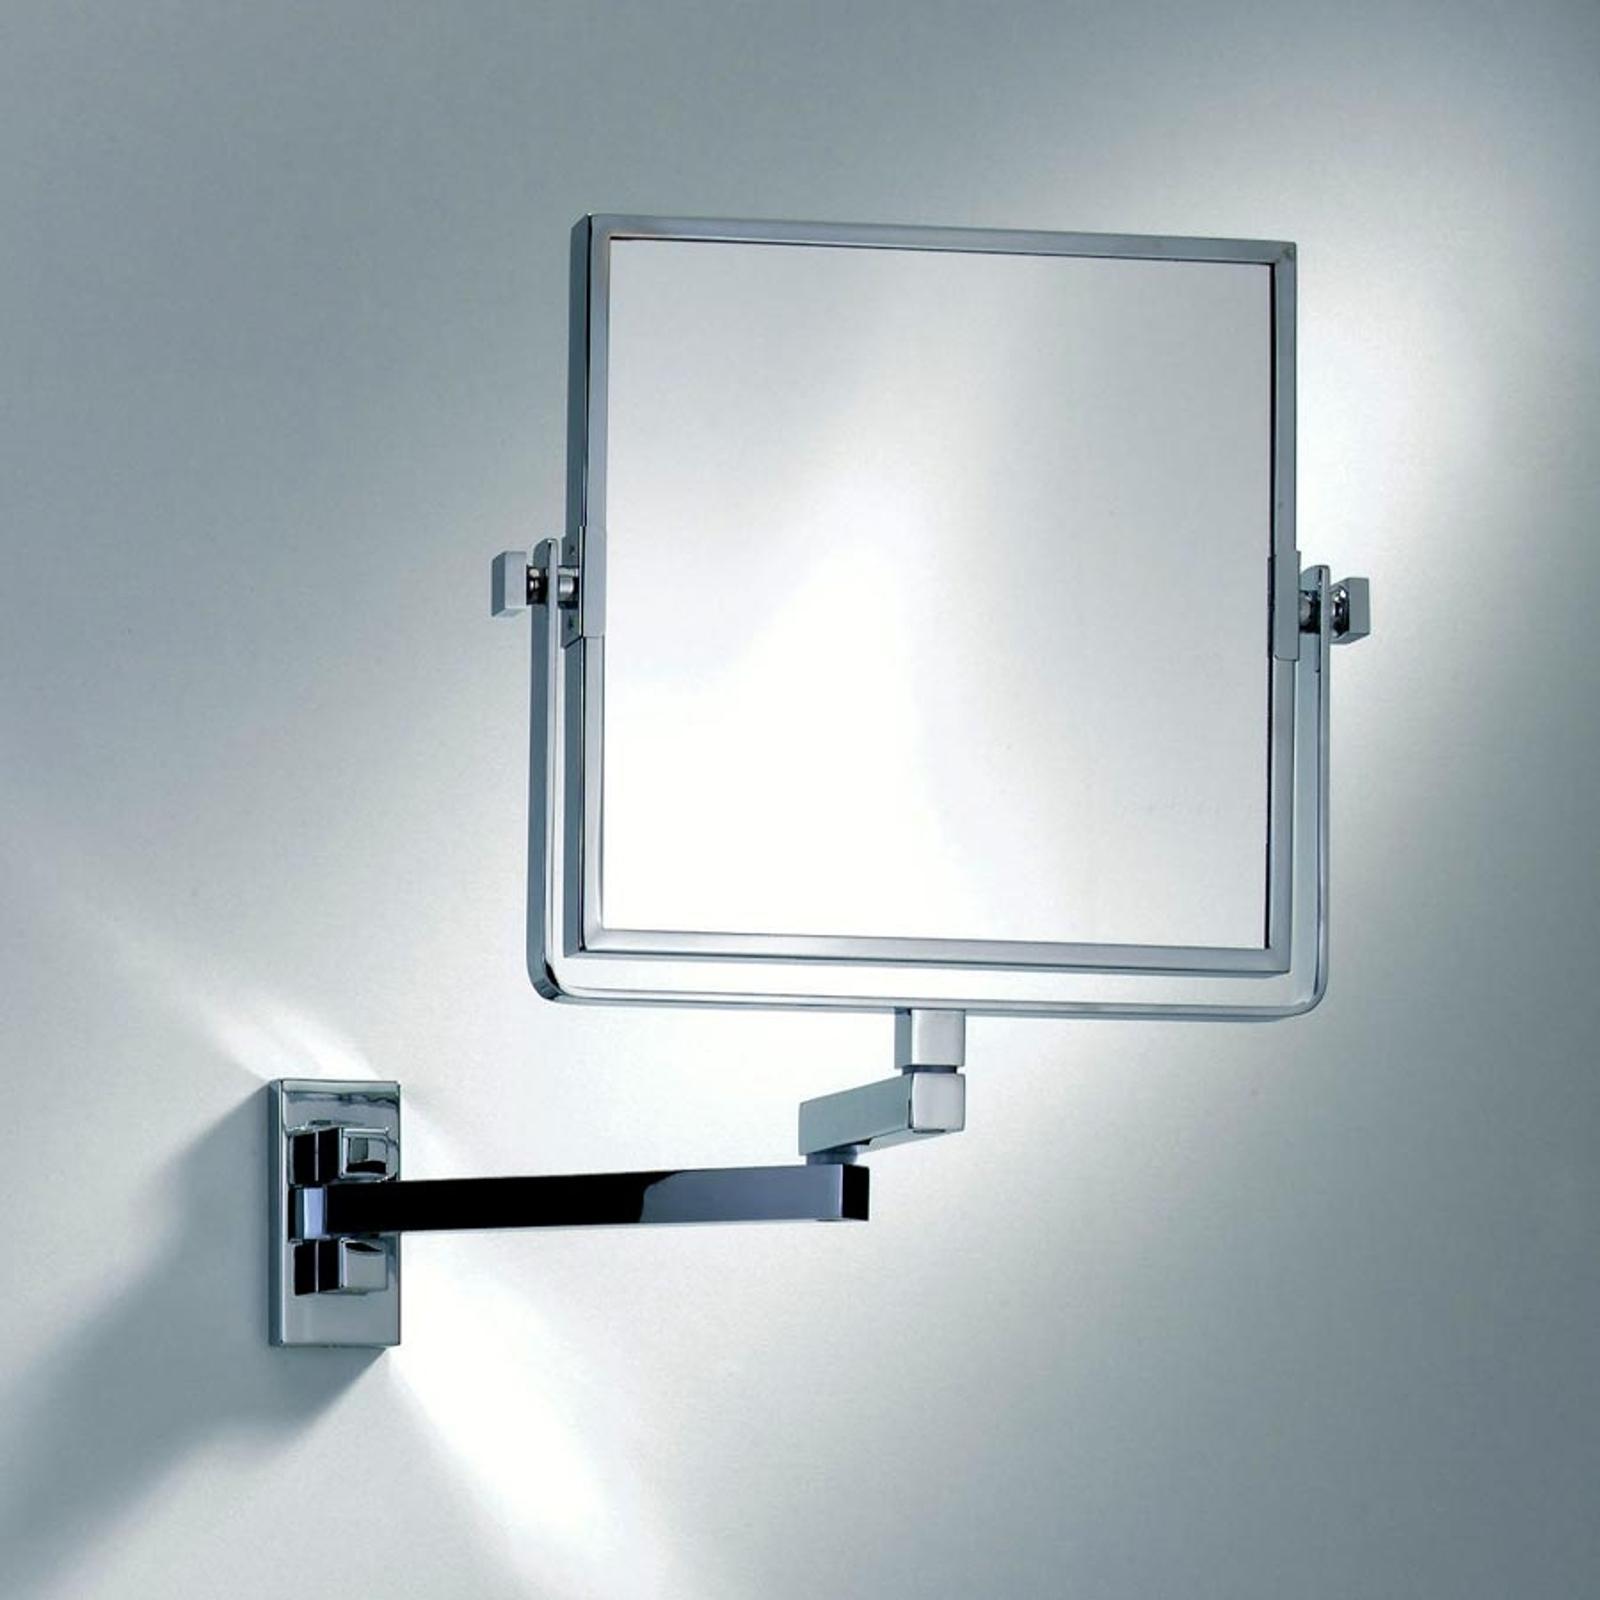 Miroir grossissant moderne EDGE